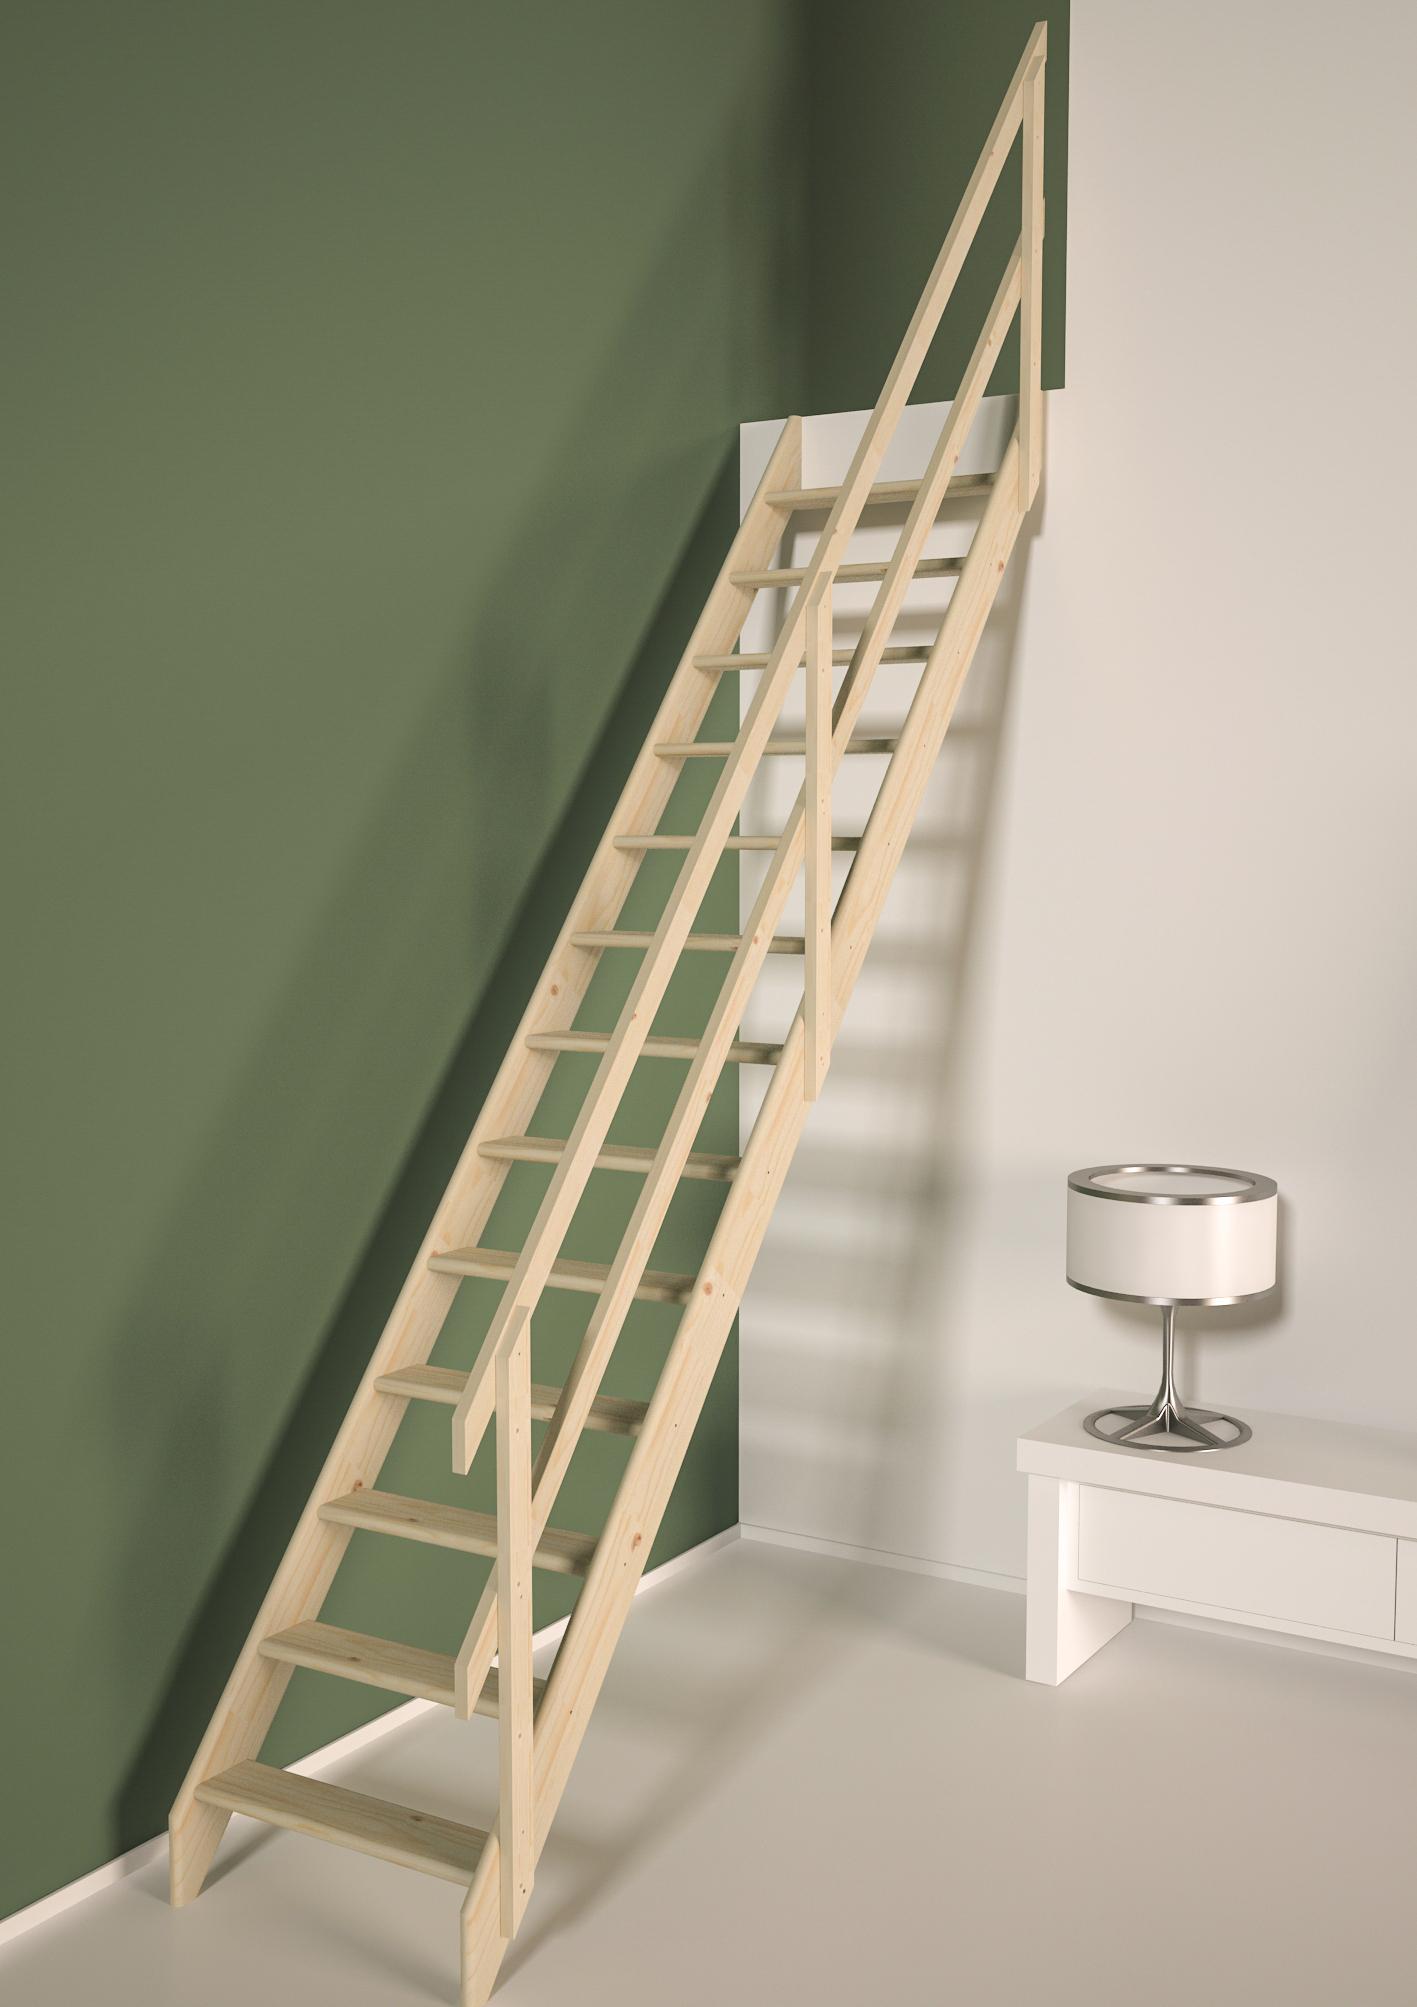 Plan De Travail Bois 280 escalier de meunier avec rampe en bois cottage junior 280 x 65 cm sogem -  mr.bricolage